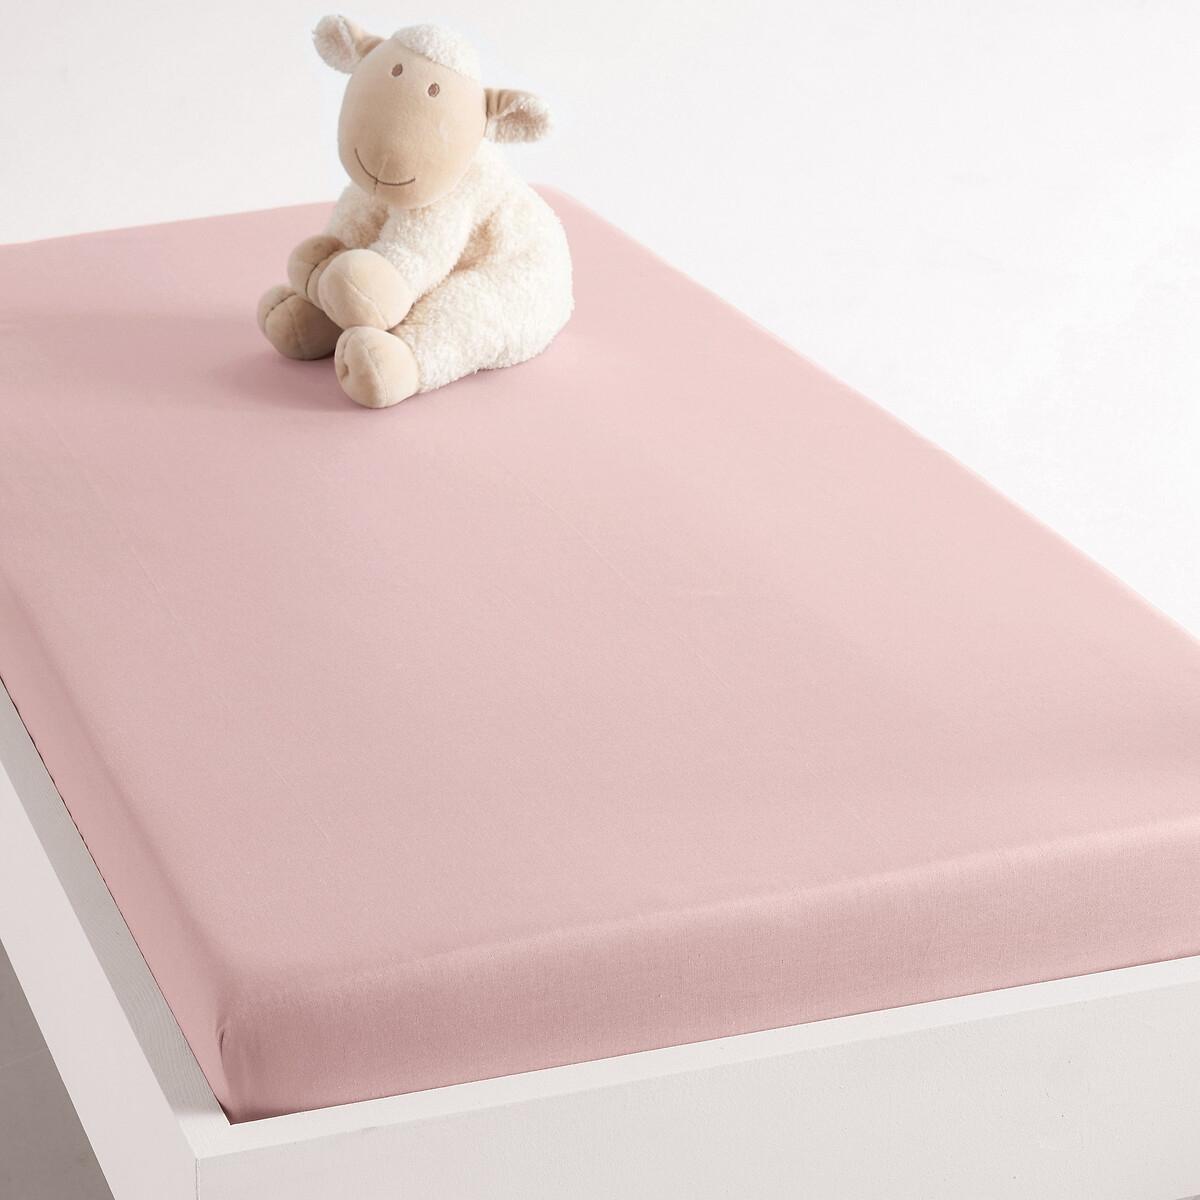 цена Натяжная простыня La Redoute Из хлопка для детской кровати 60 x 120 см розовый онлайн в 2017 году